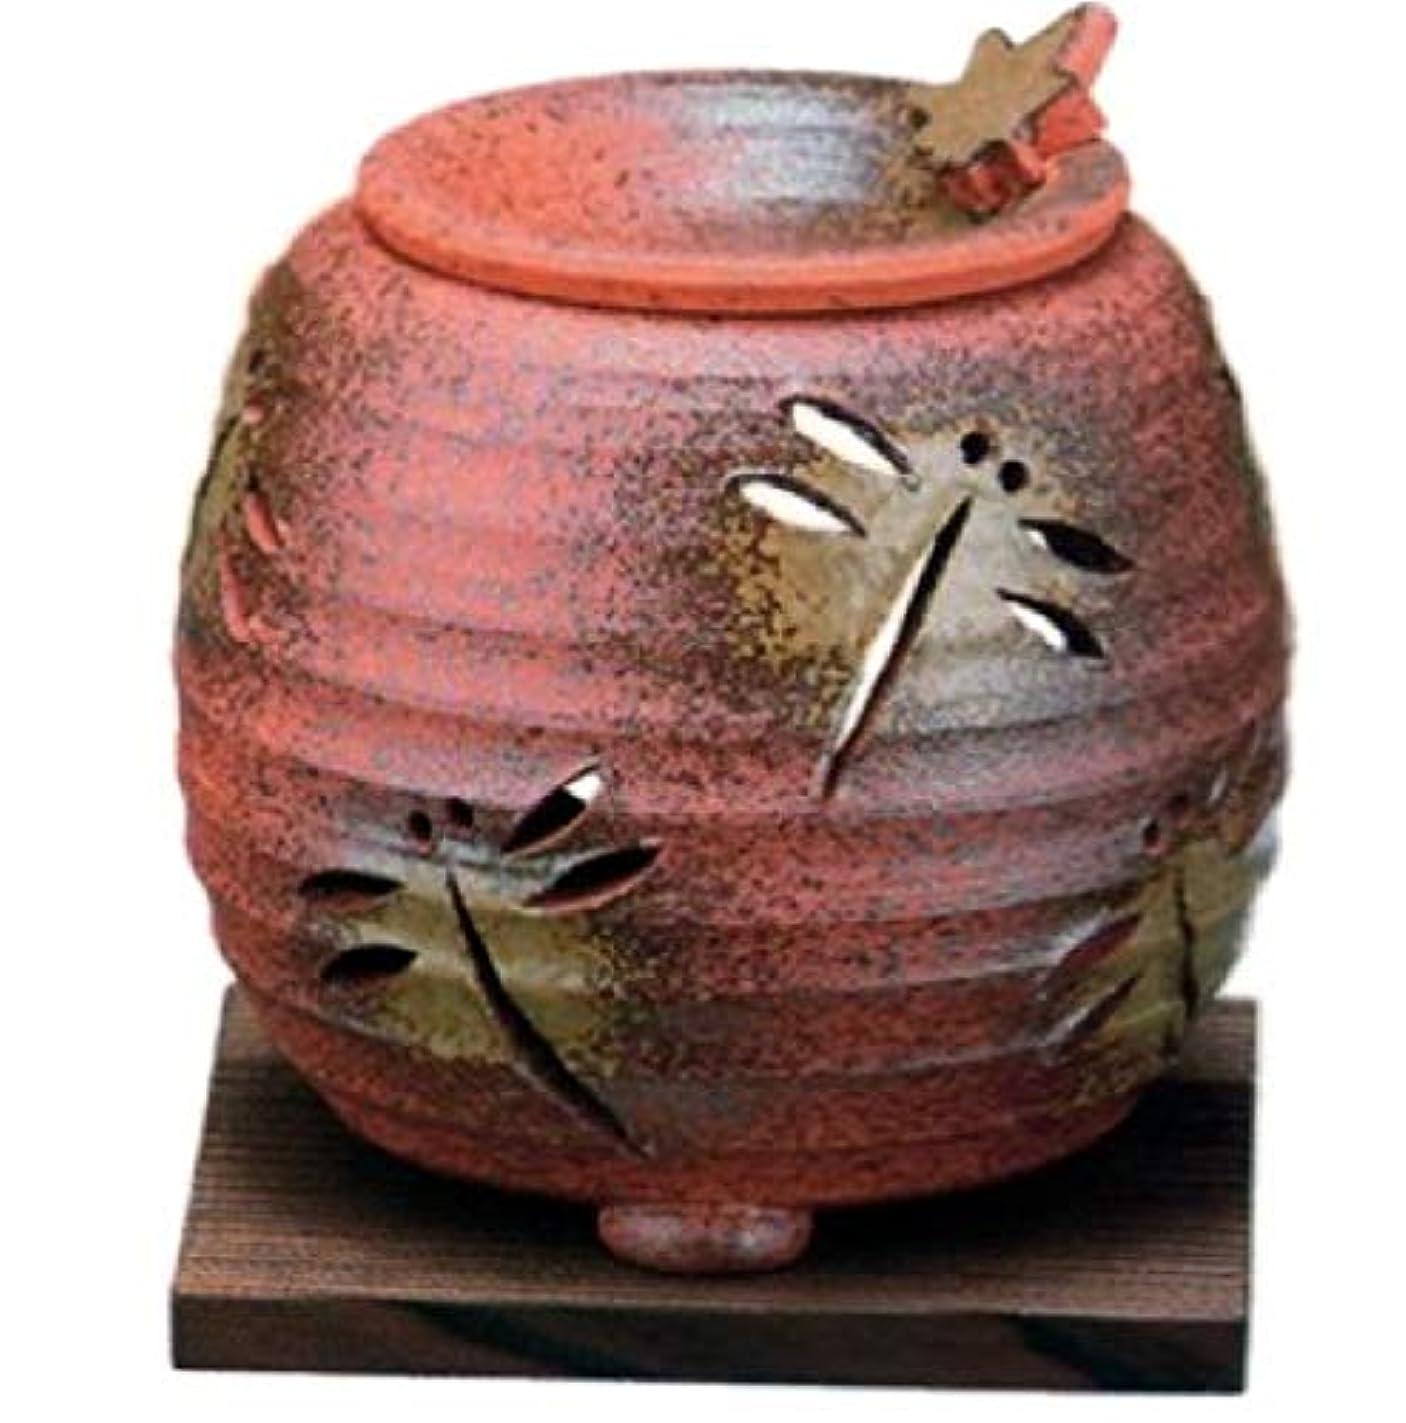 タウポ湖ボトルネック文明化する常滑焼 3-830 石龍焼〆千段トンボ茶香炉 石龍φ11×H11㎝